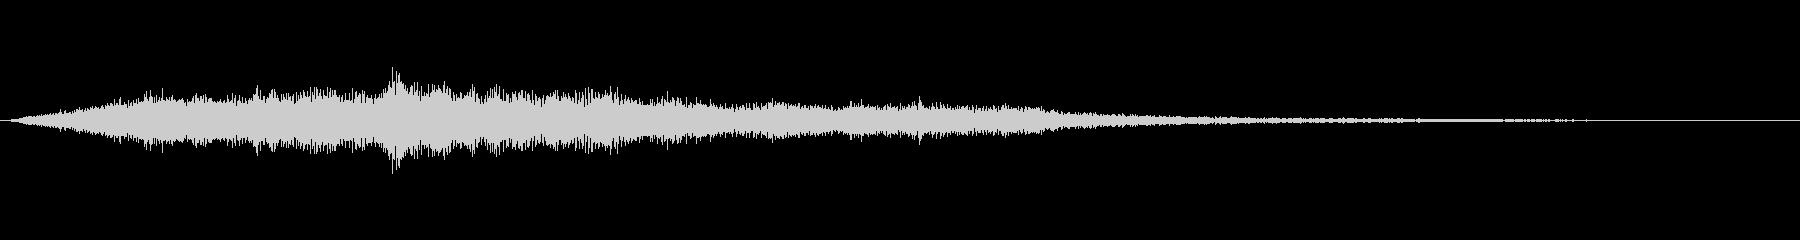 スペイシーな空間音 Fメジャーの未再生の波形